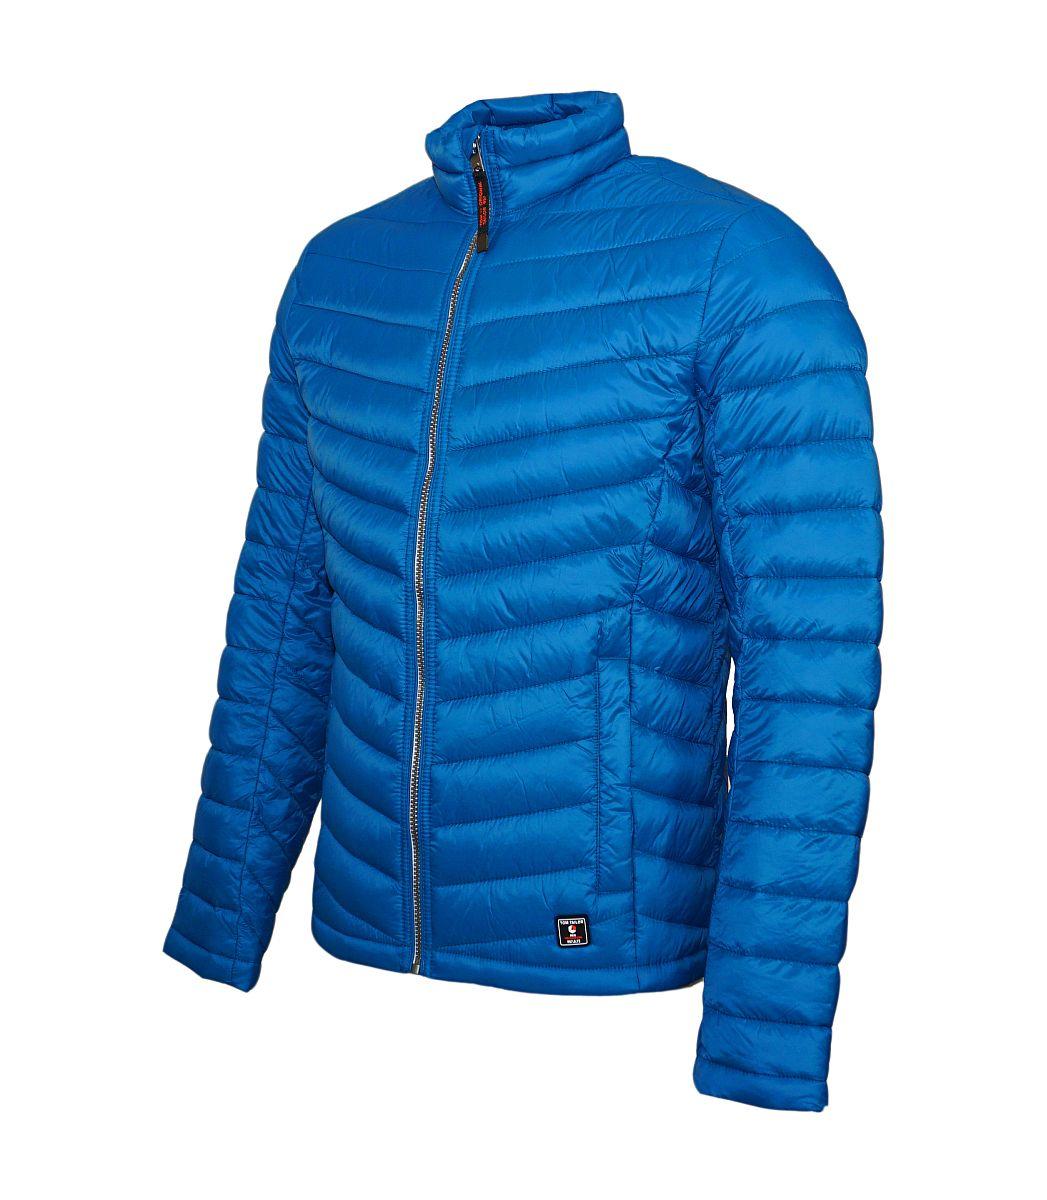 Jacke 6343 Daunenjacke Tom Jacket Tailor 0110 blau TTJ1 SH17 Lightweight 3533475 HDeYE2IW9